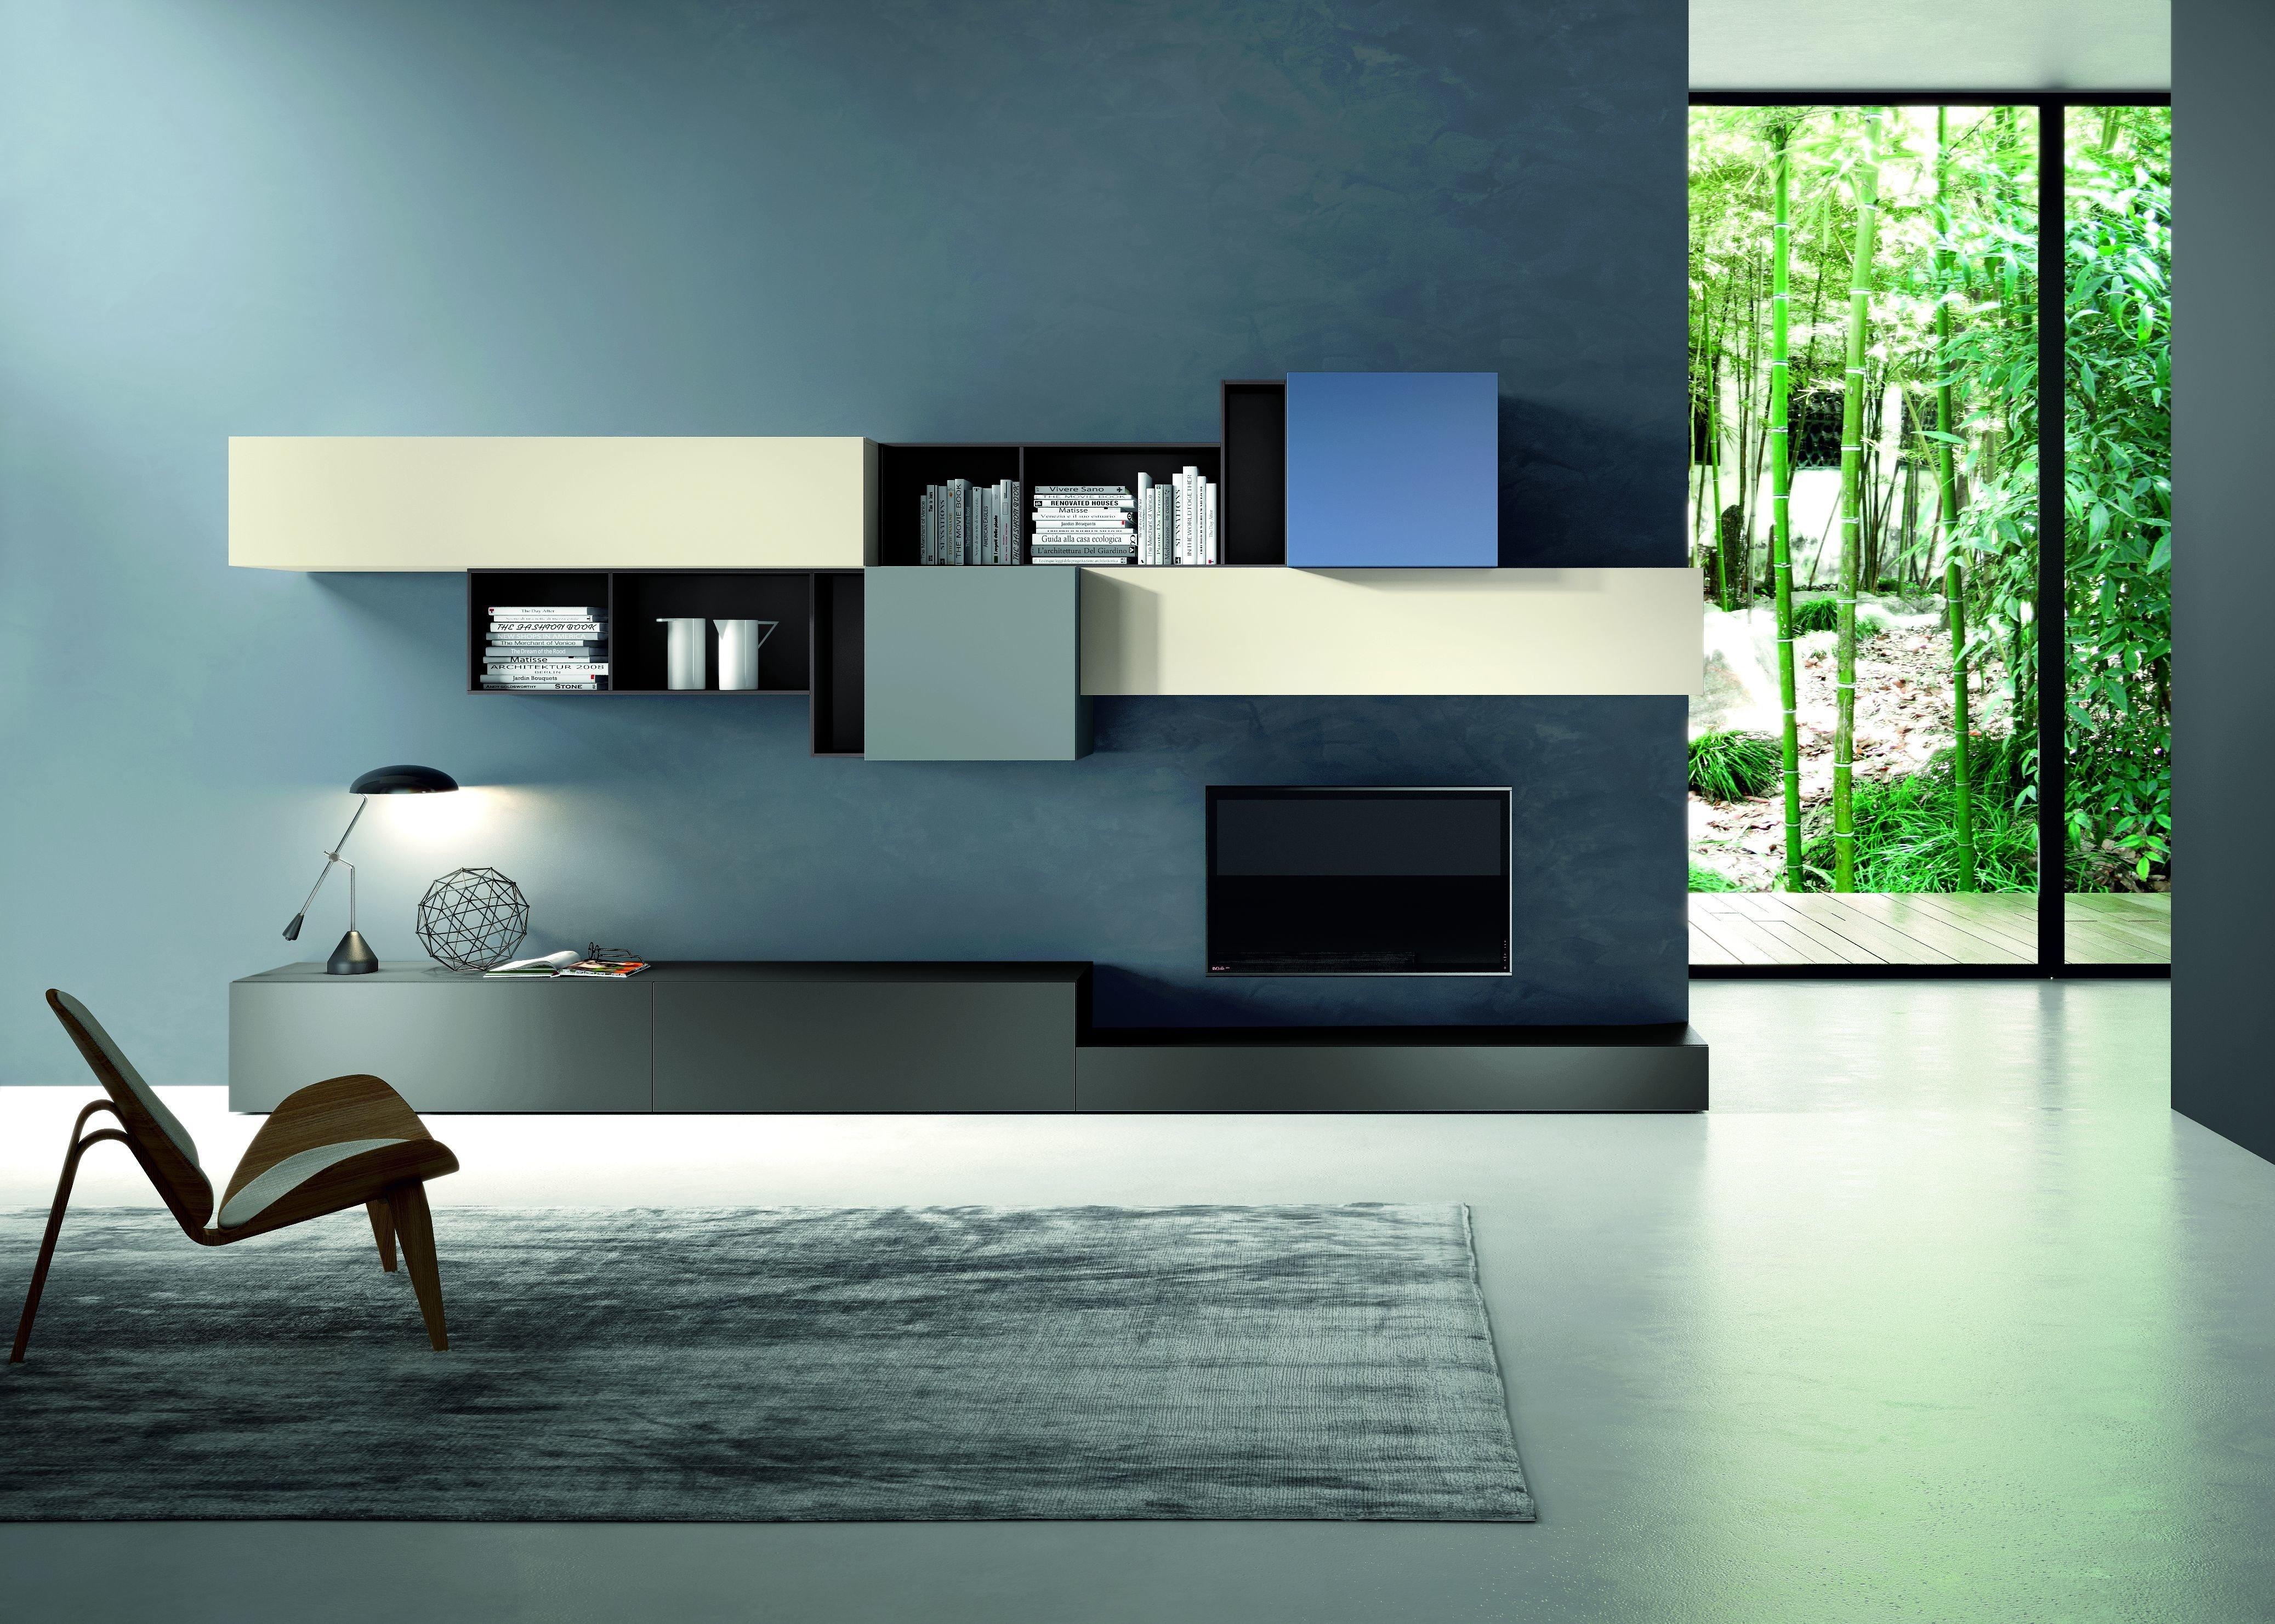 Living Room Modern Interior modern interior chair design wallpaper 4150x2963 309870 wallpaperup